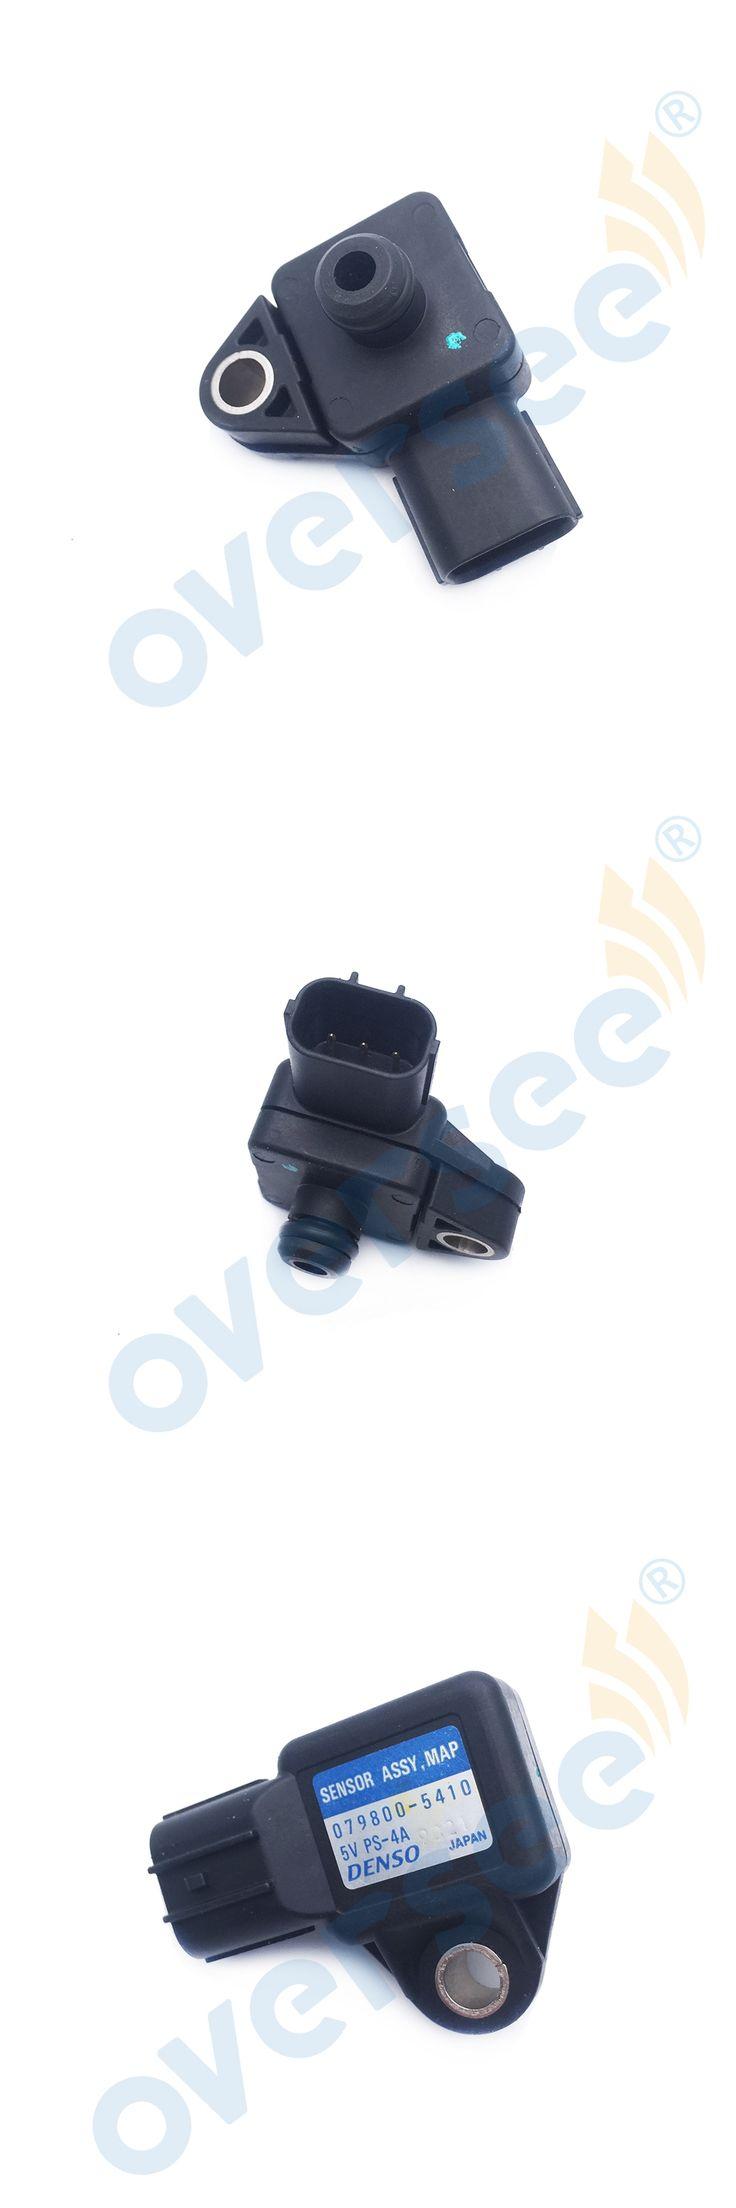 OVERSEE OEM MAP Sensor 37830-PGK-A01 For Outboard Motor 4 Stroke Engine